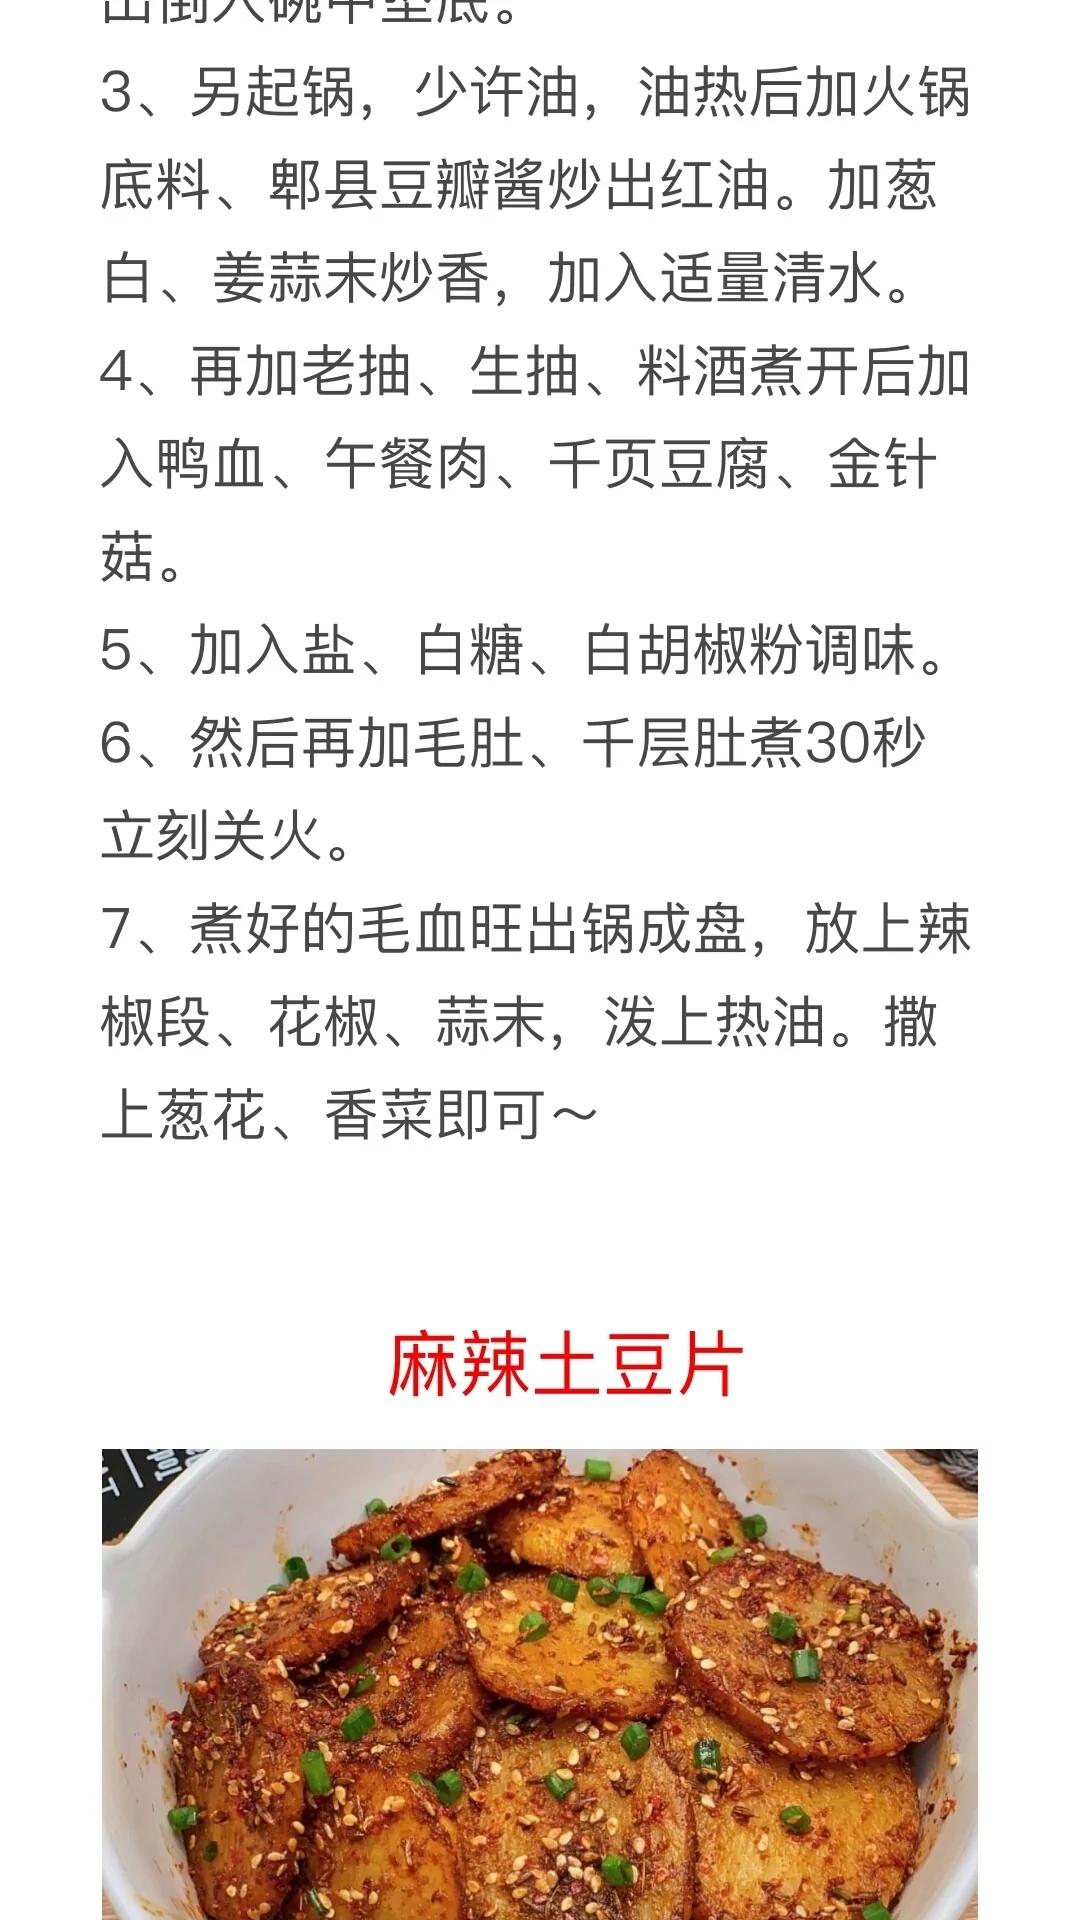 麻辣口味菜做法及配料 美食做法 第7张